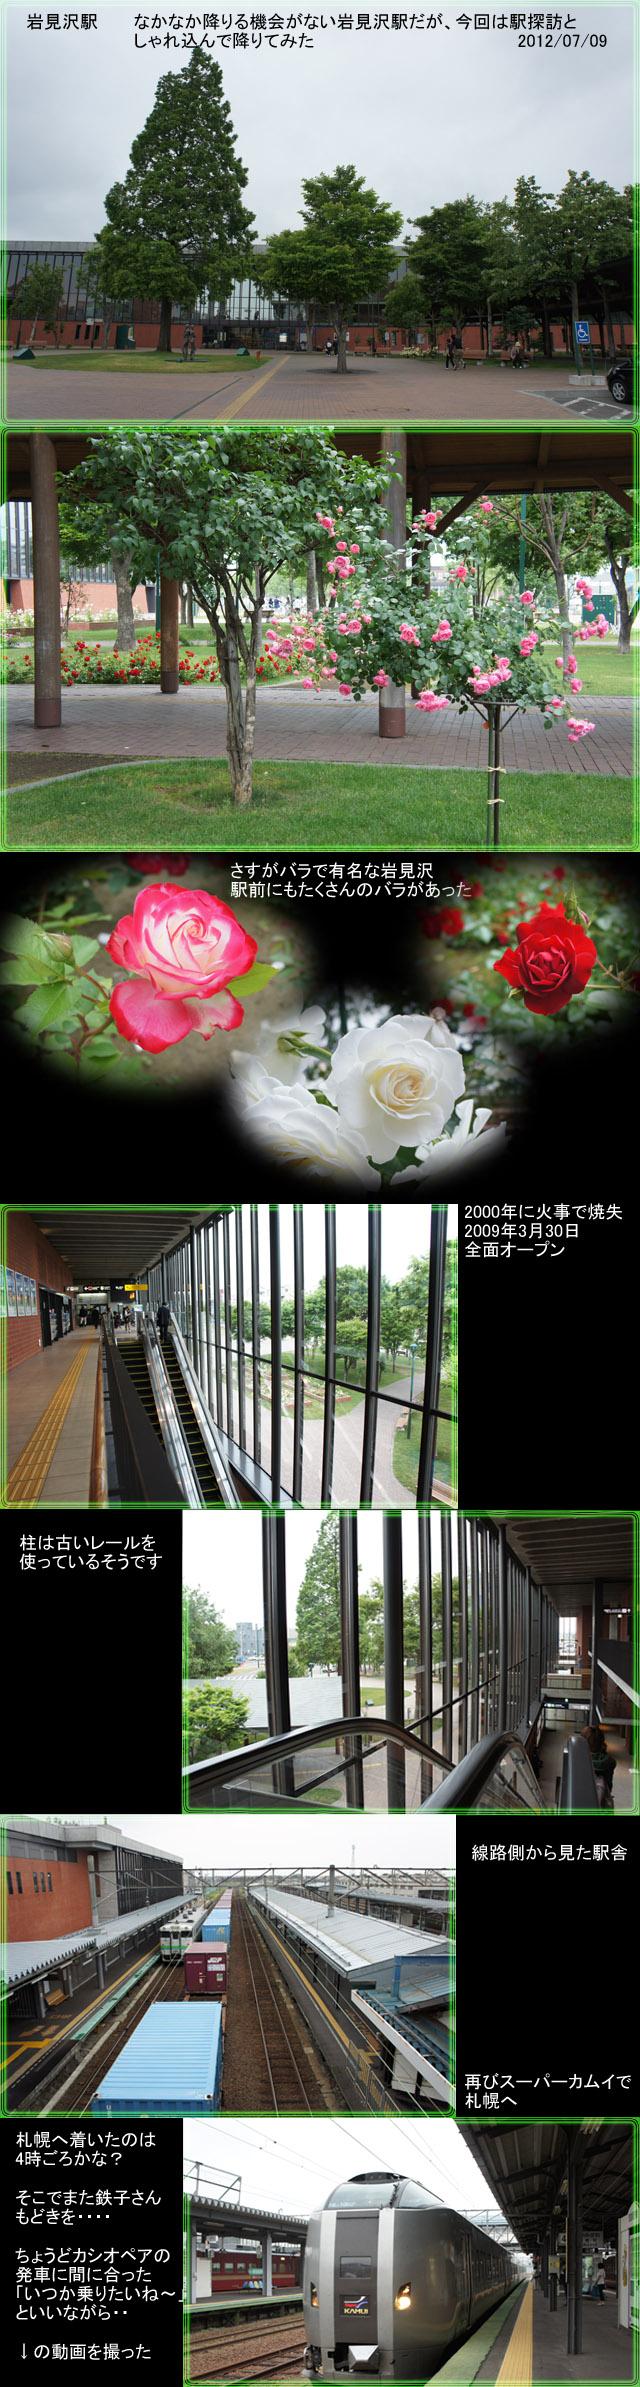 b0019313_17403080.jpg